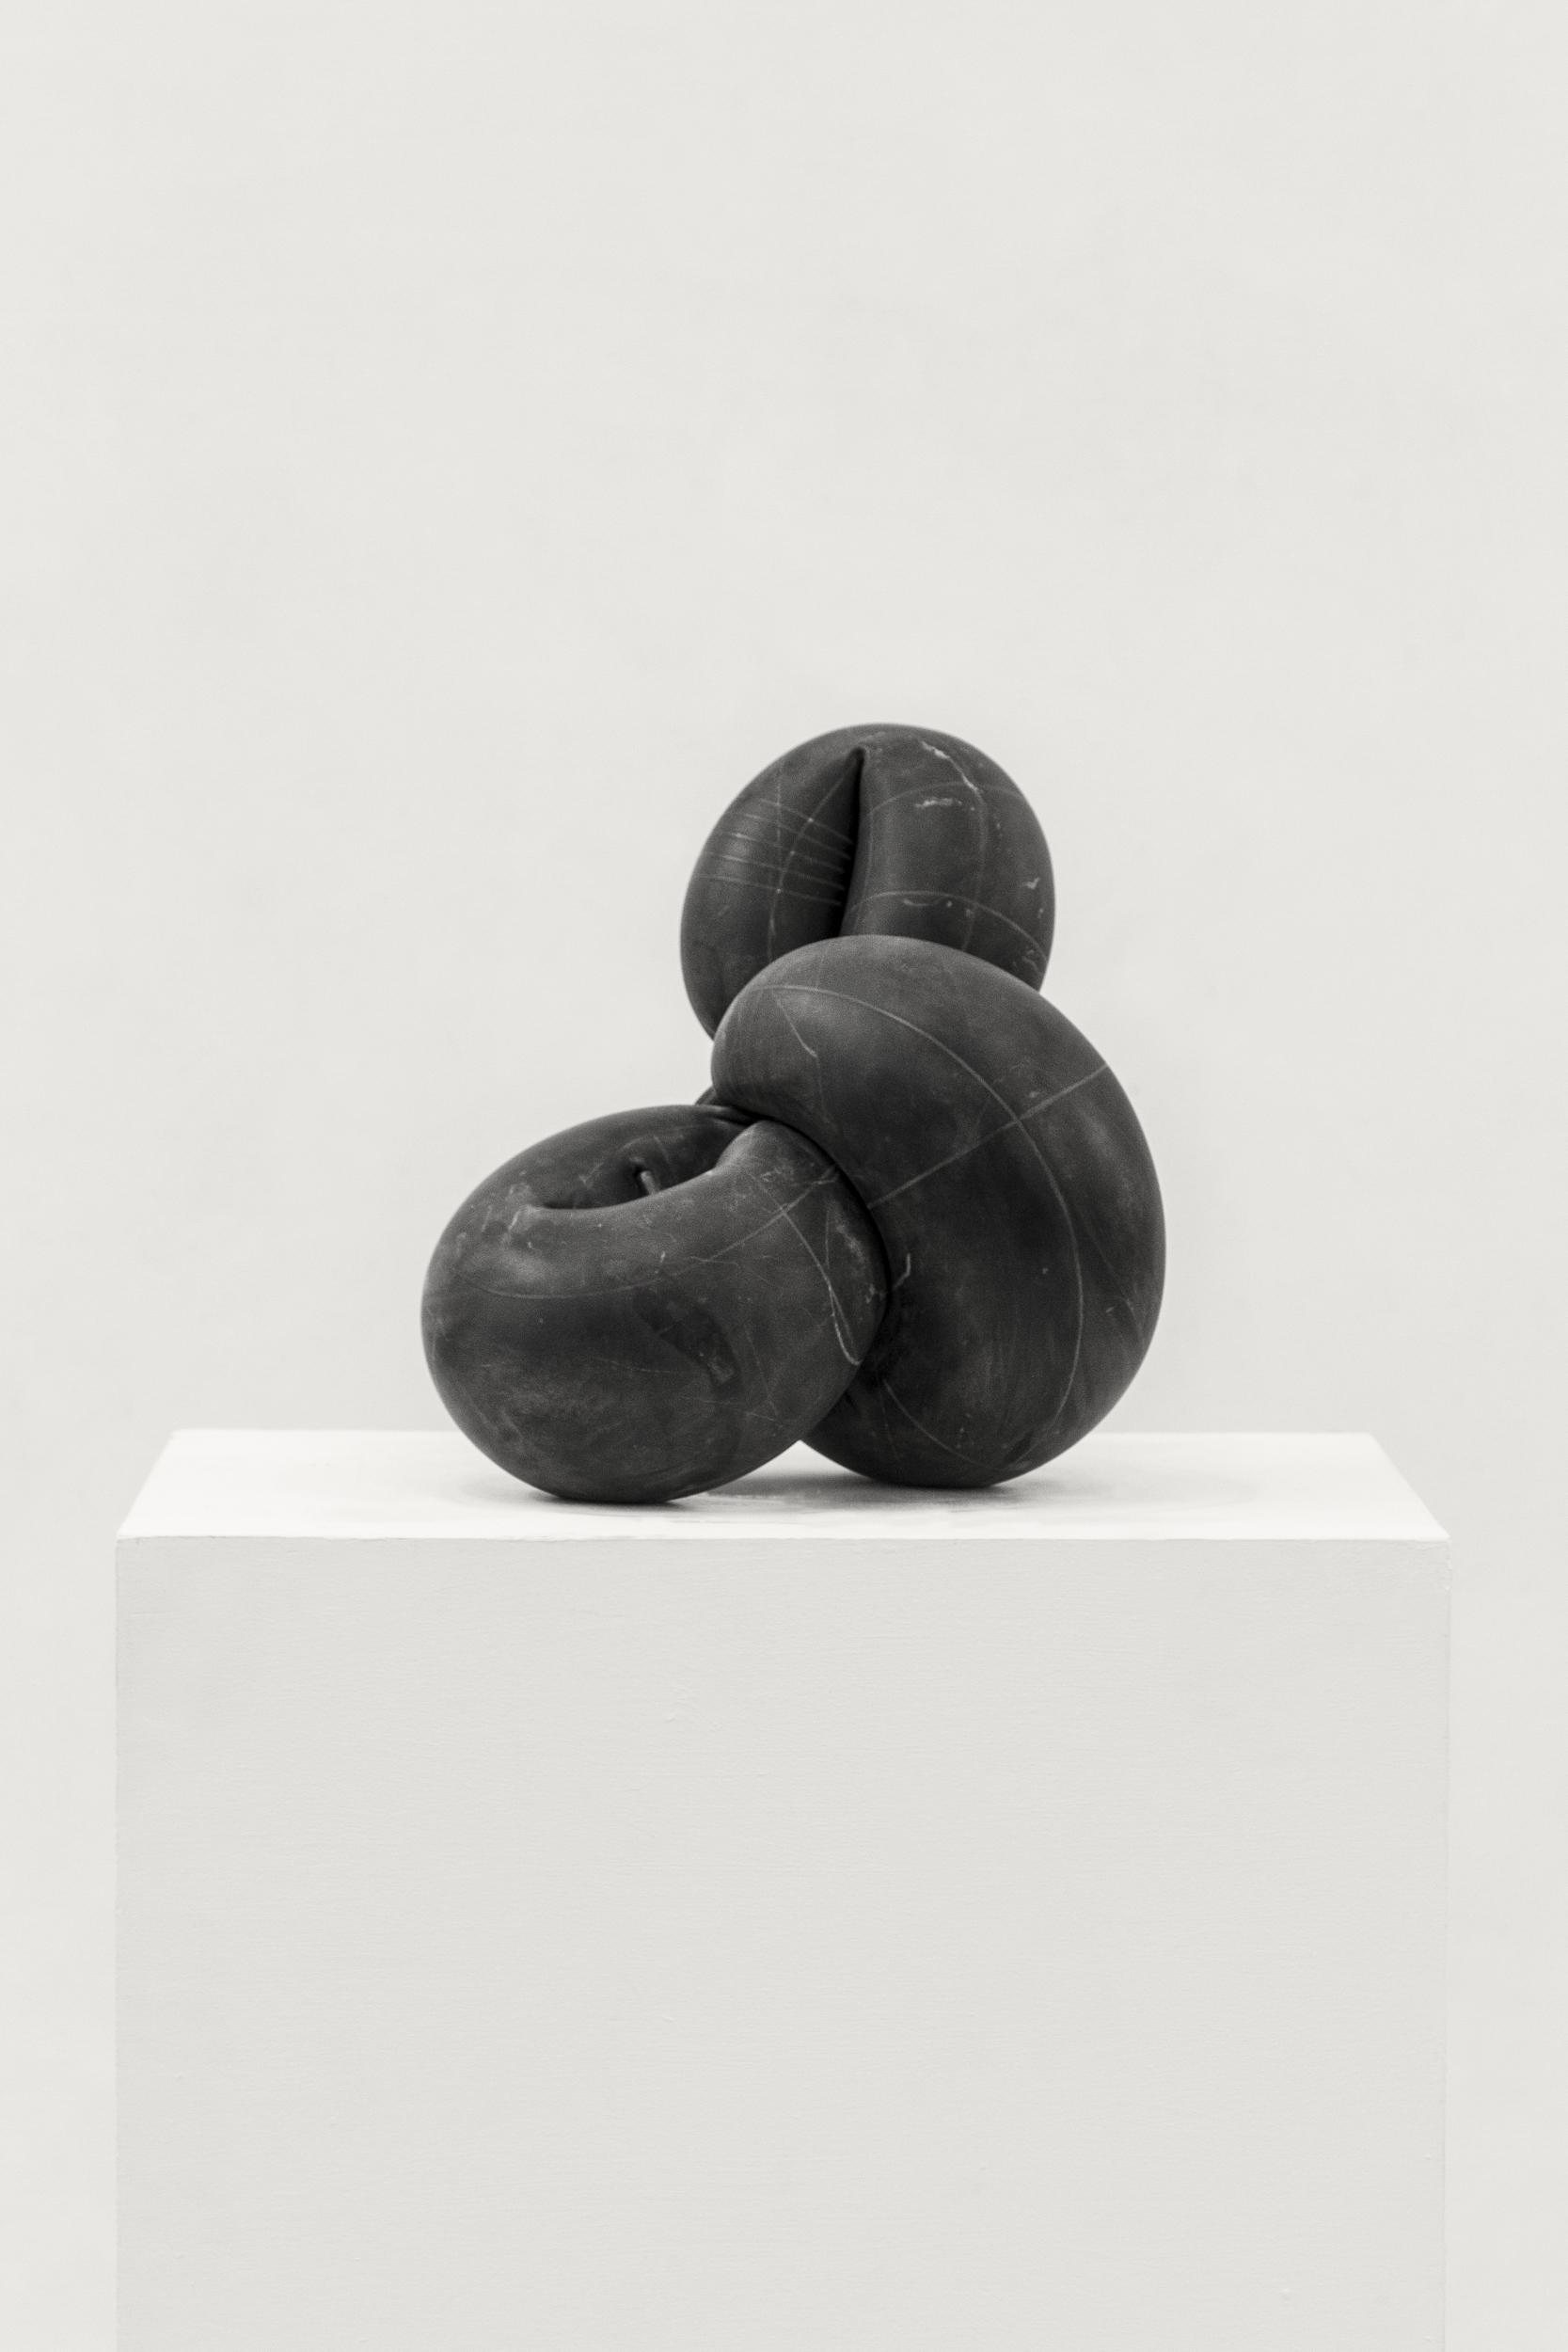 orbitale-2016-marmo-nero-cm-42-x-40-x-35-8755